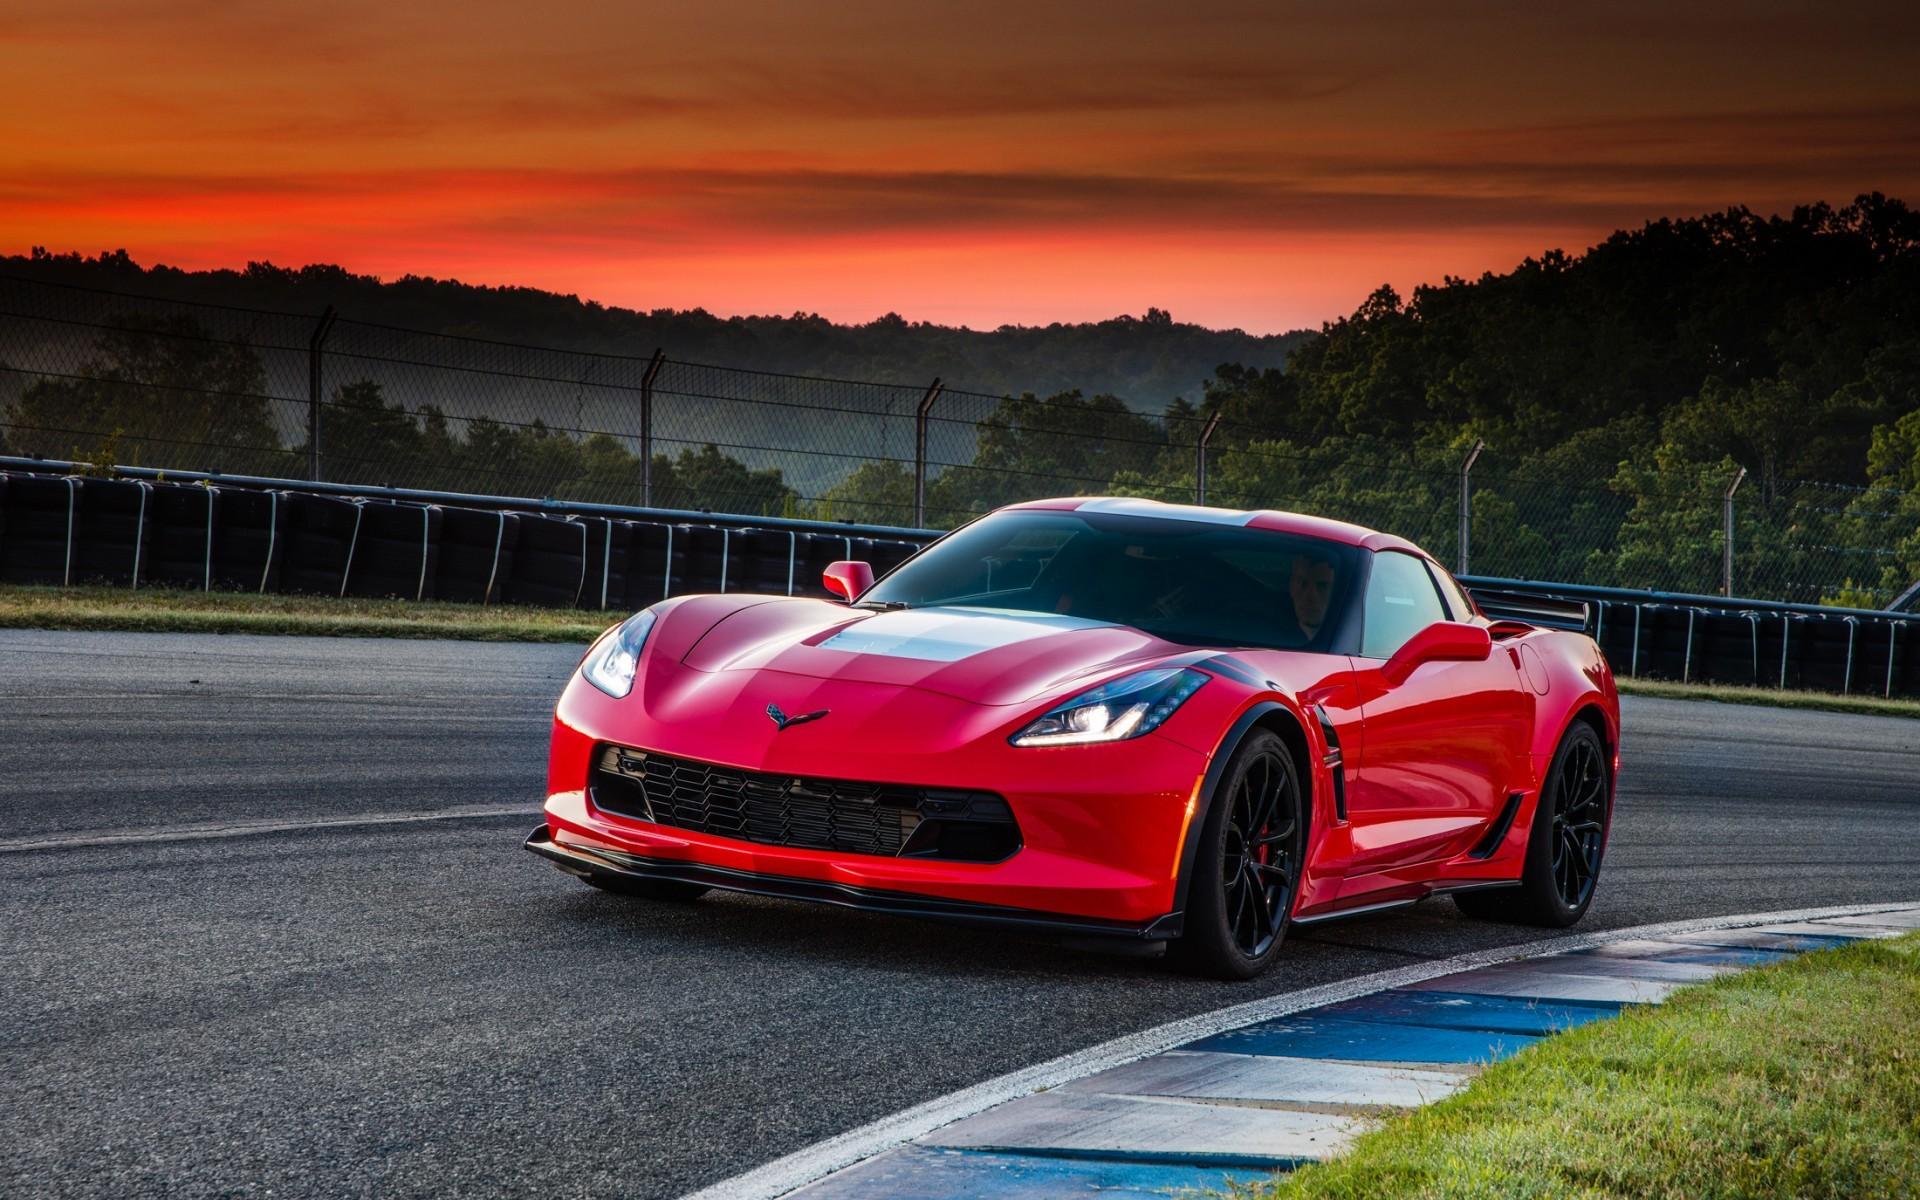 Corvette stingray 2018 wallpaper hd 74 images - Corvette wallpaper ...